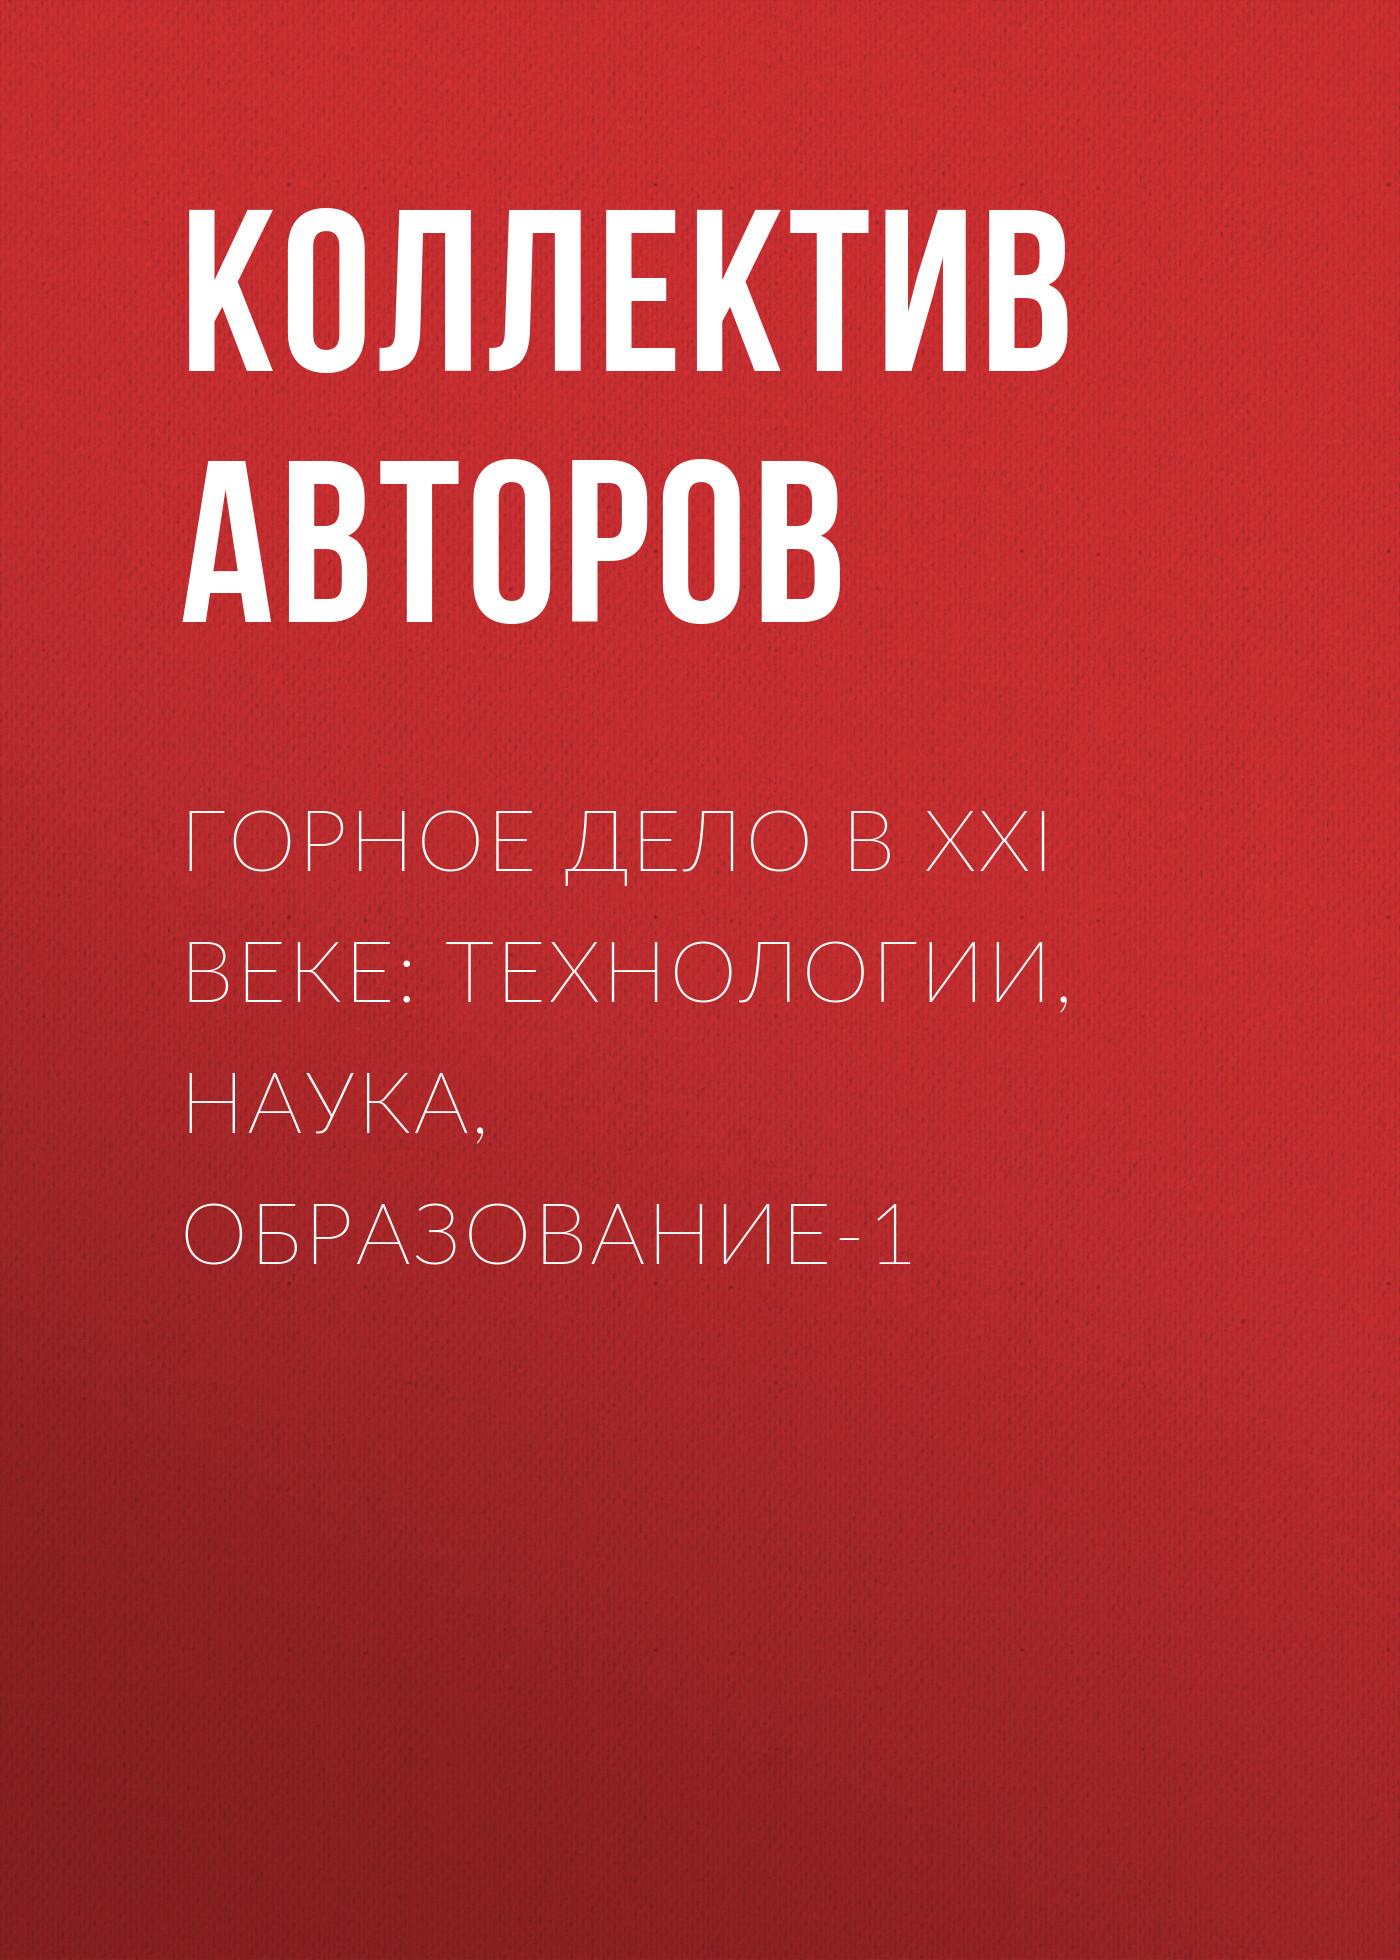 Коллектив авторов Горное дело в XXI веке: технологии, наука, образование-1